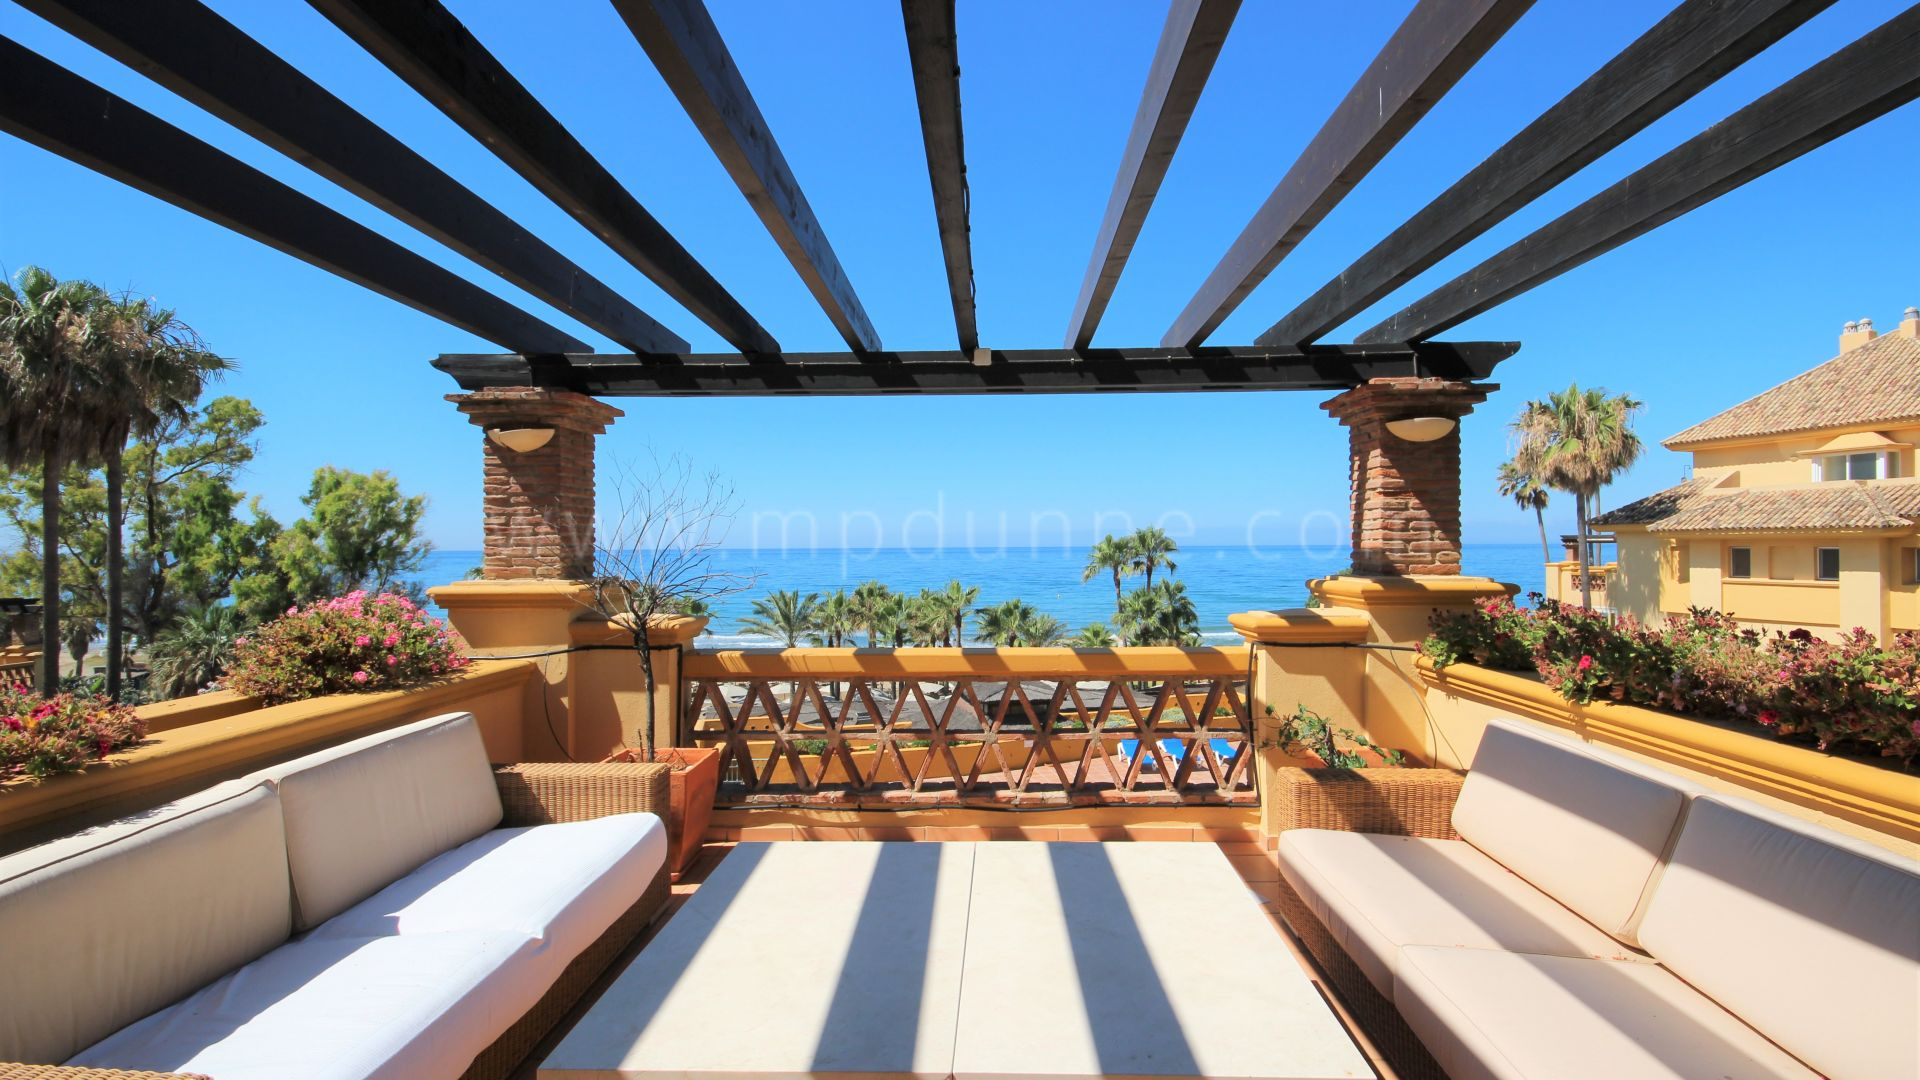 Immobilien zur Vermietung an der Costa del Sol